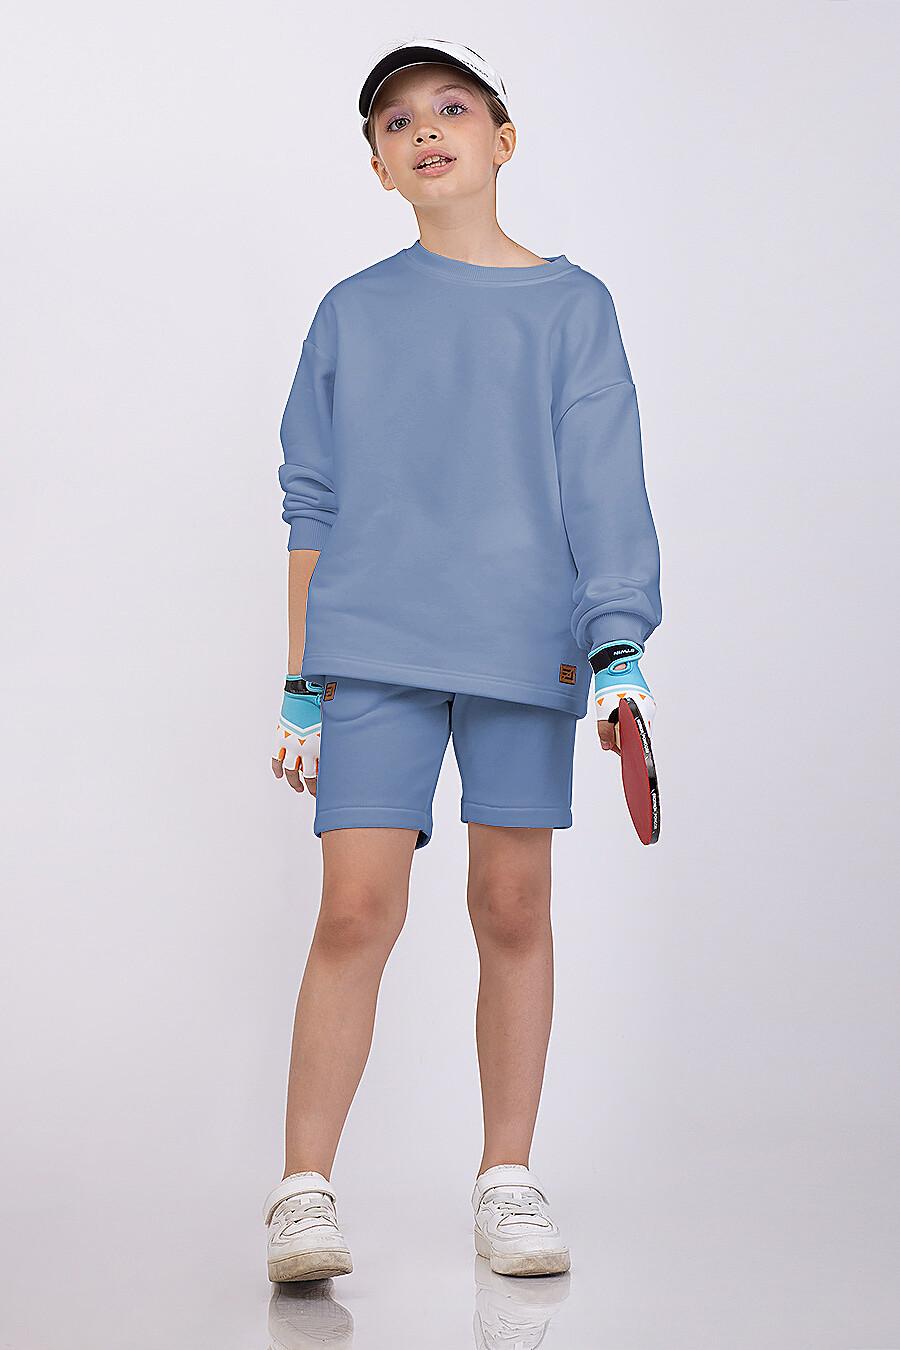 Костюм(Свитшот + Шорты) для девочек EZANNA 683224 купить оптом от производителя. Совместная покупка детской одежды в OptMoyo